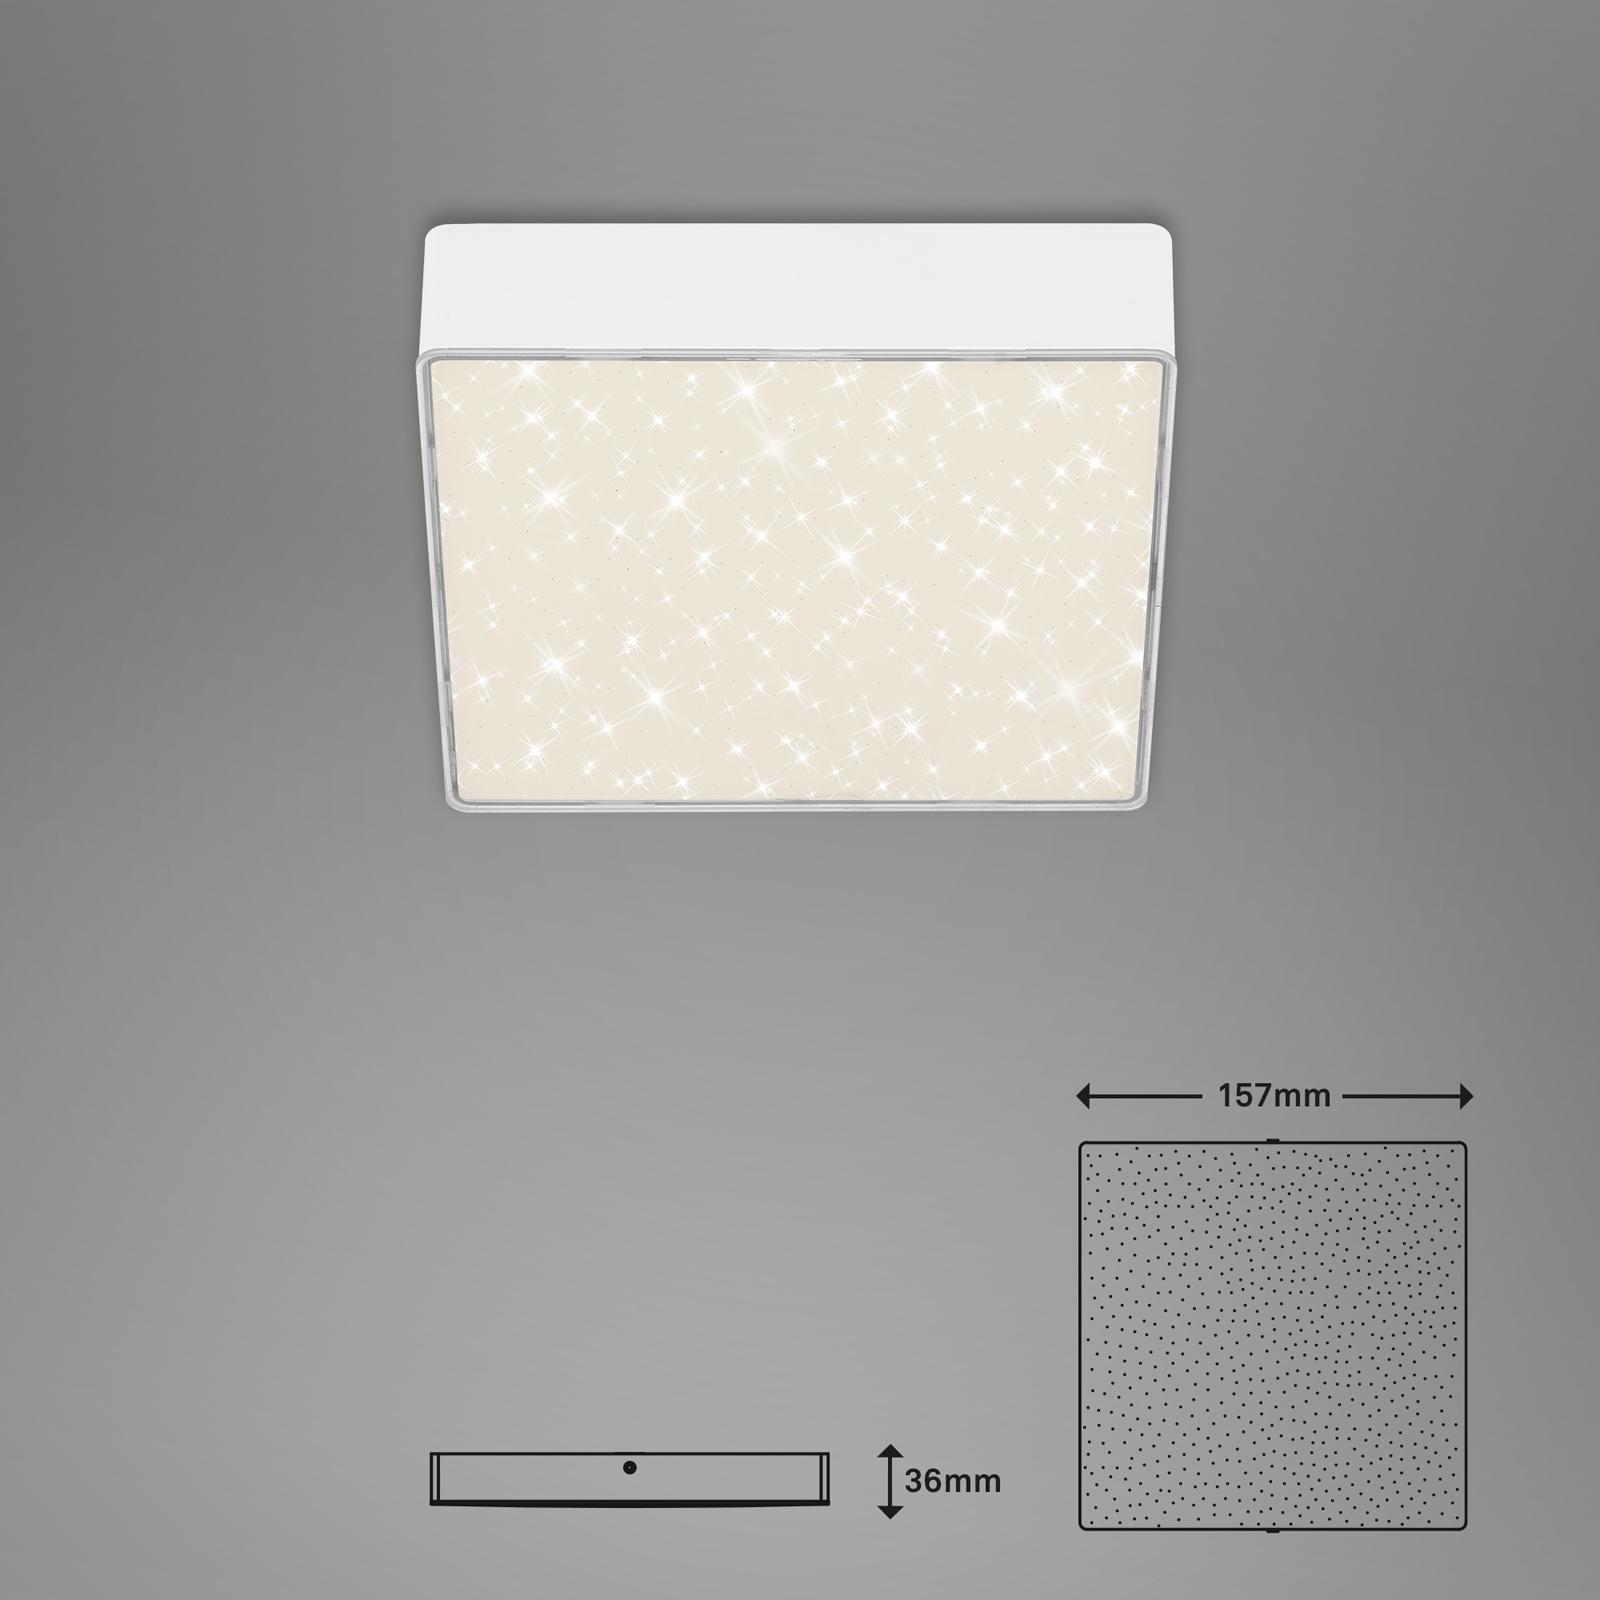 Sternenhimmel LED Deckenleuchte weiß Maßzeichnung